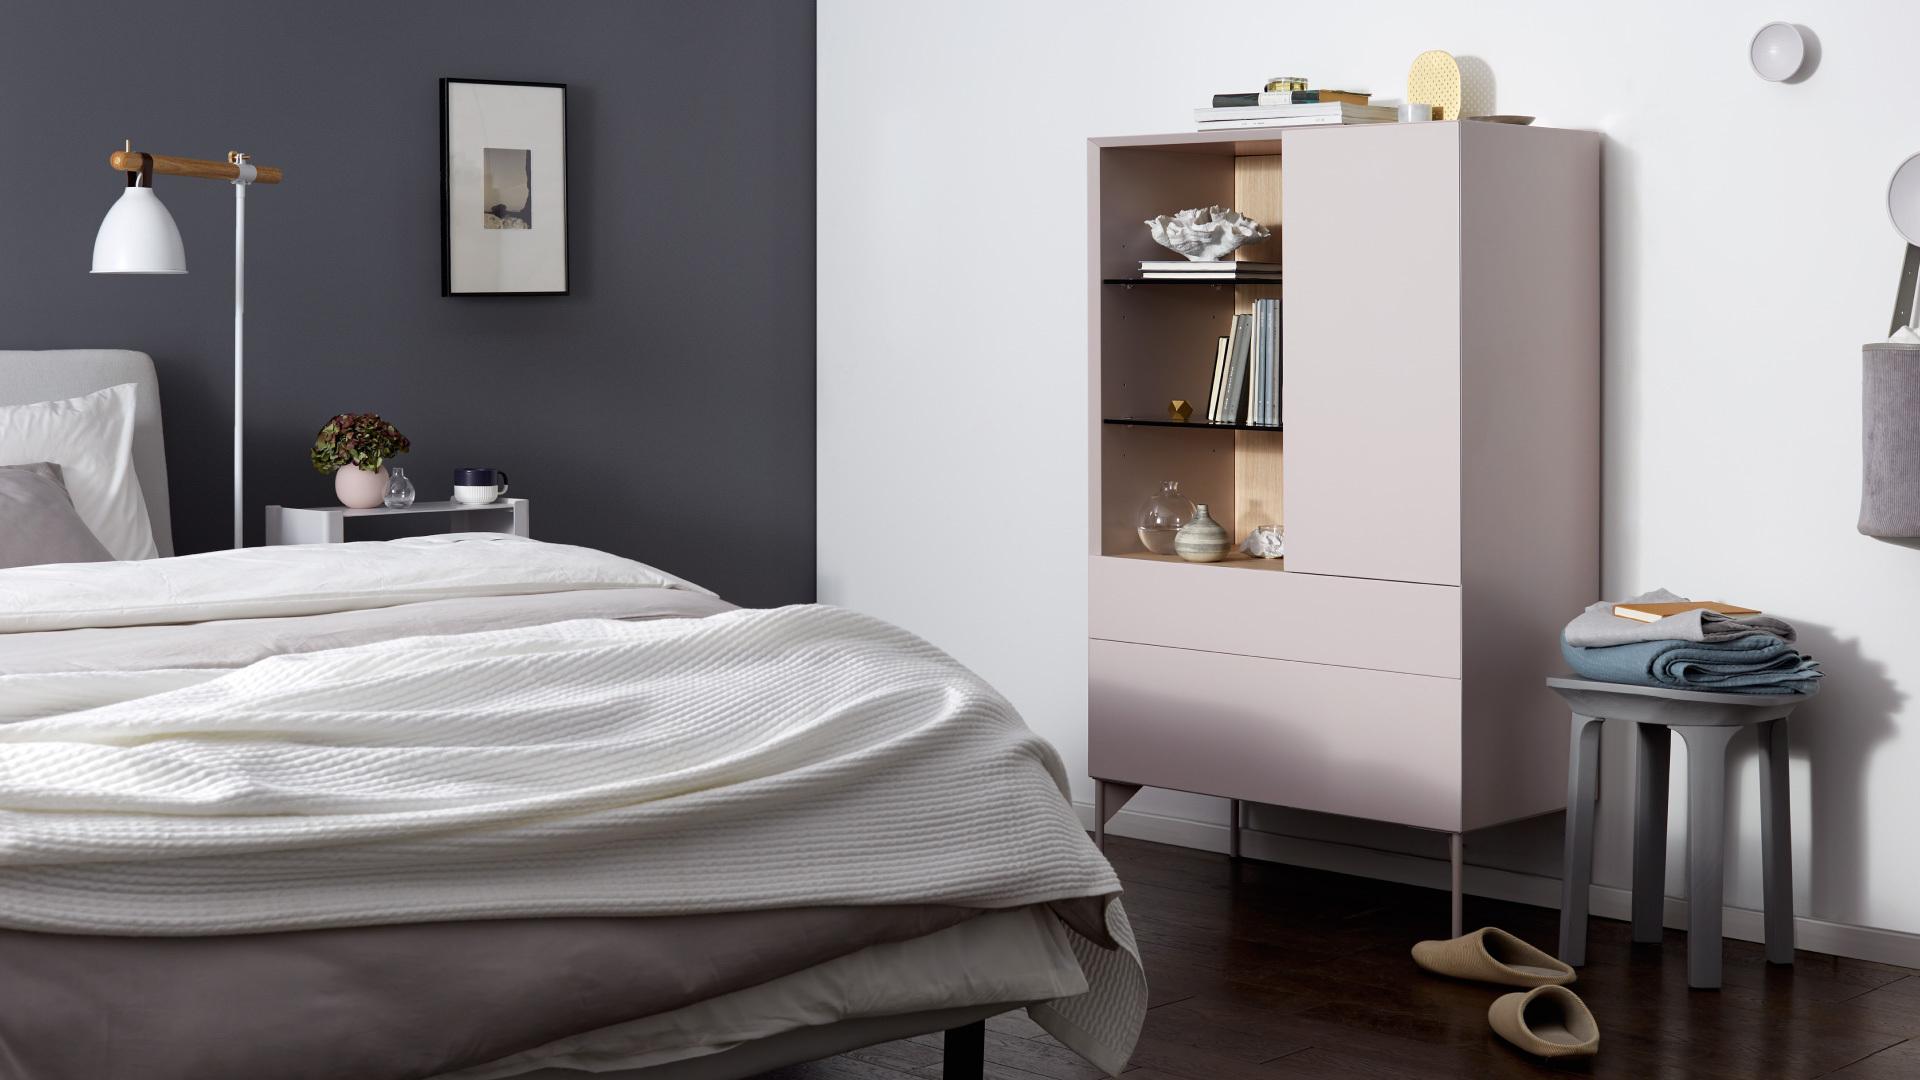 卧室收纳柜,比普通斗柜更灵动有型